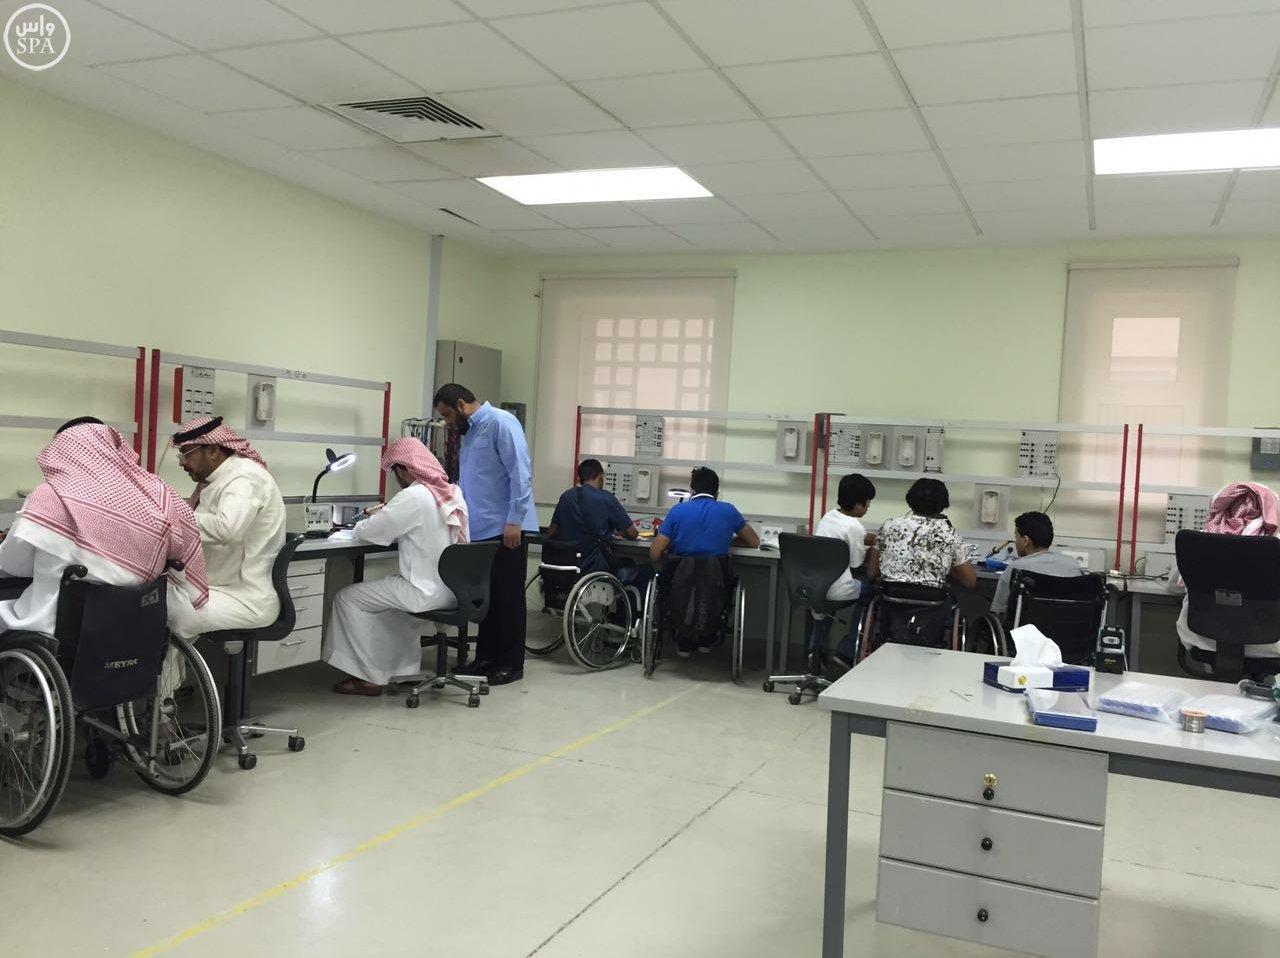 التدريب التقني والمهني وجمعية  حركية  تؤهل ذوي الإعاقة الحركية في سوق الاتصالات (5)